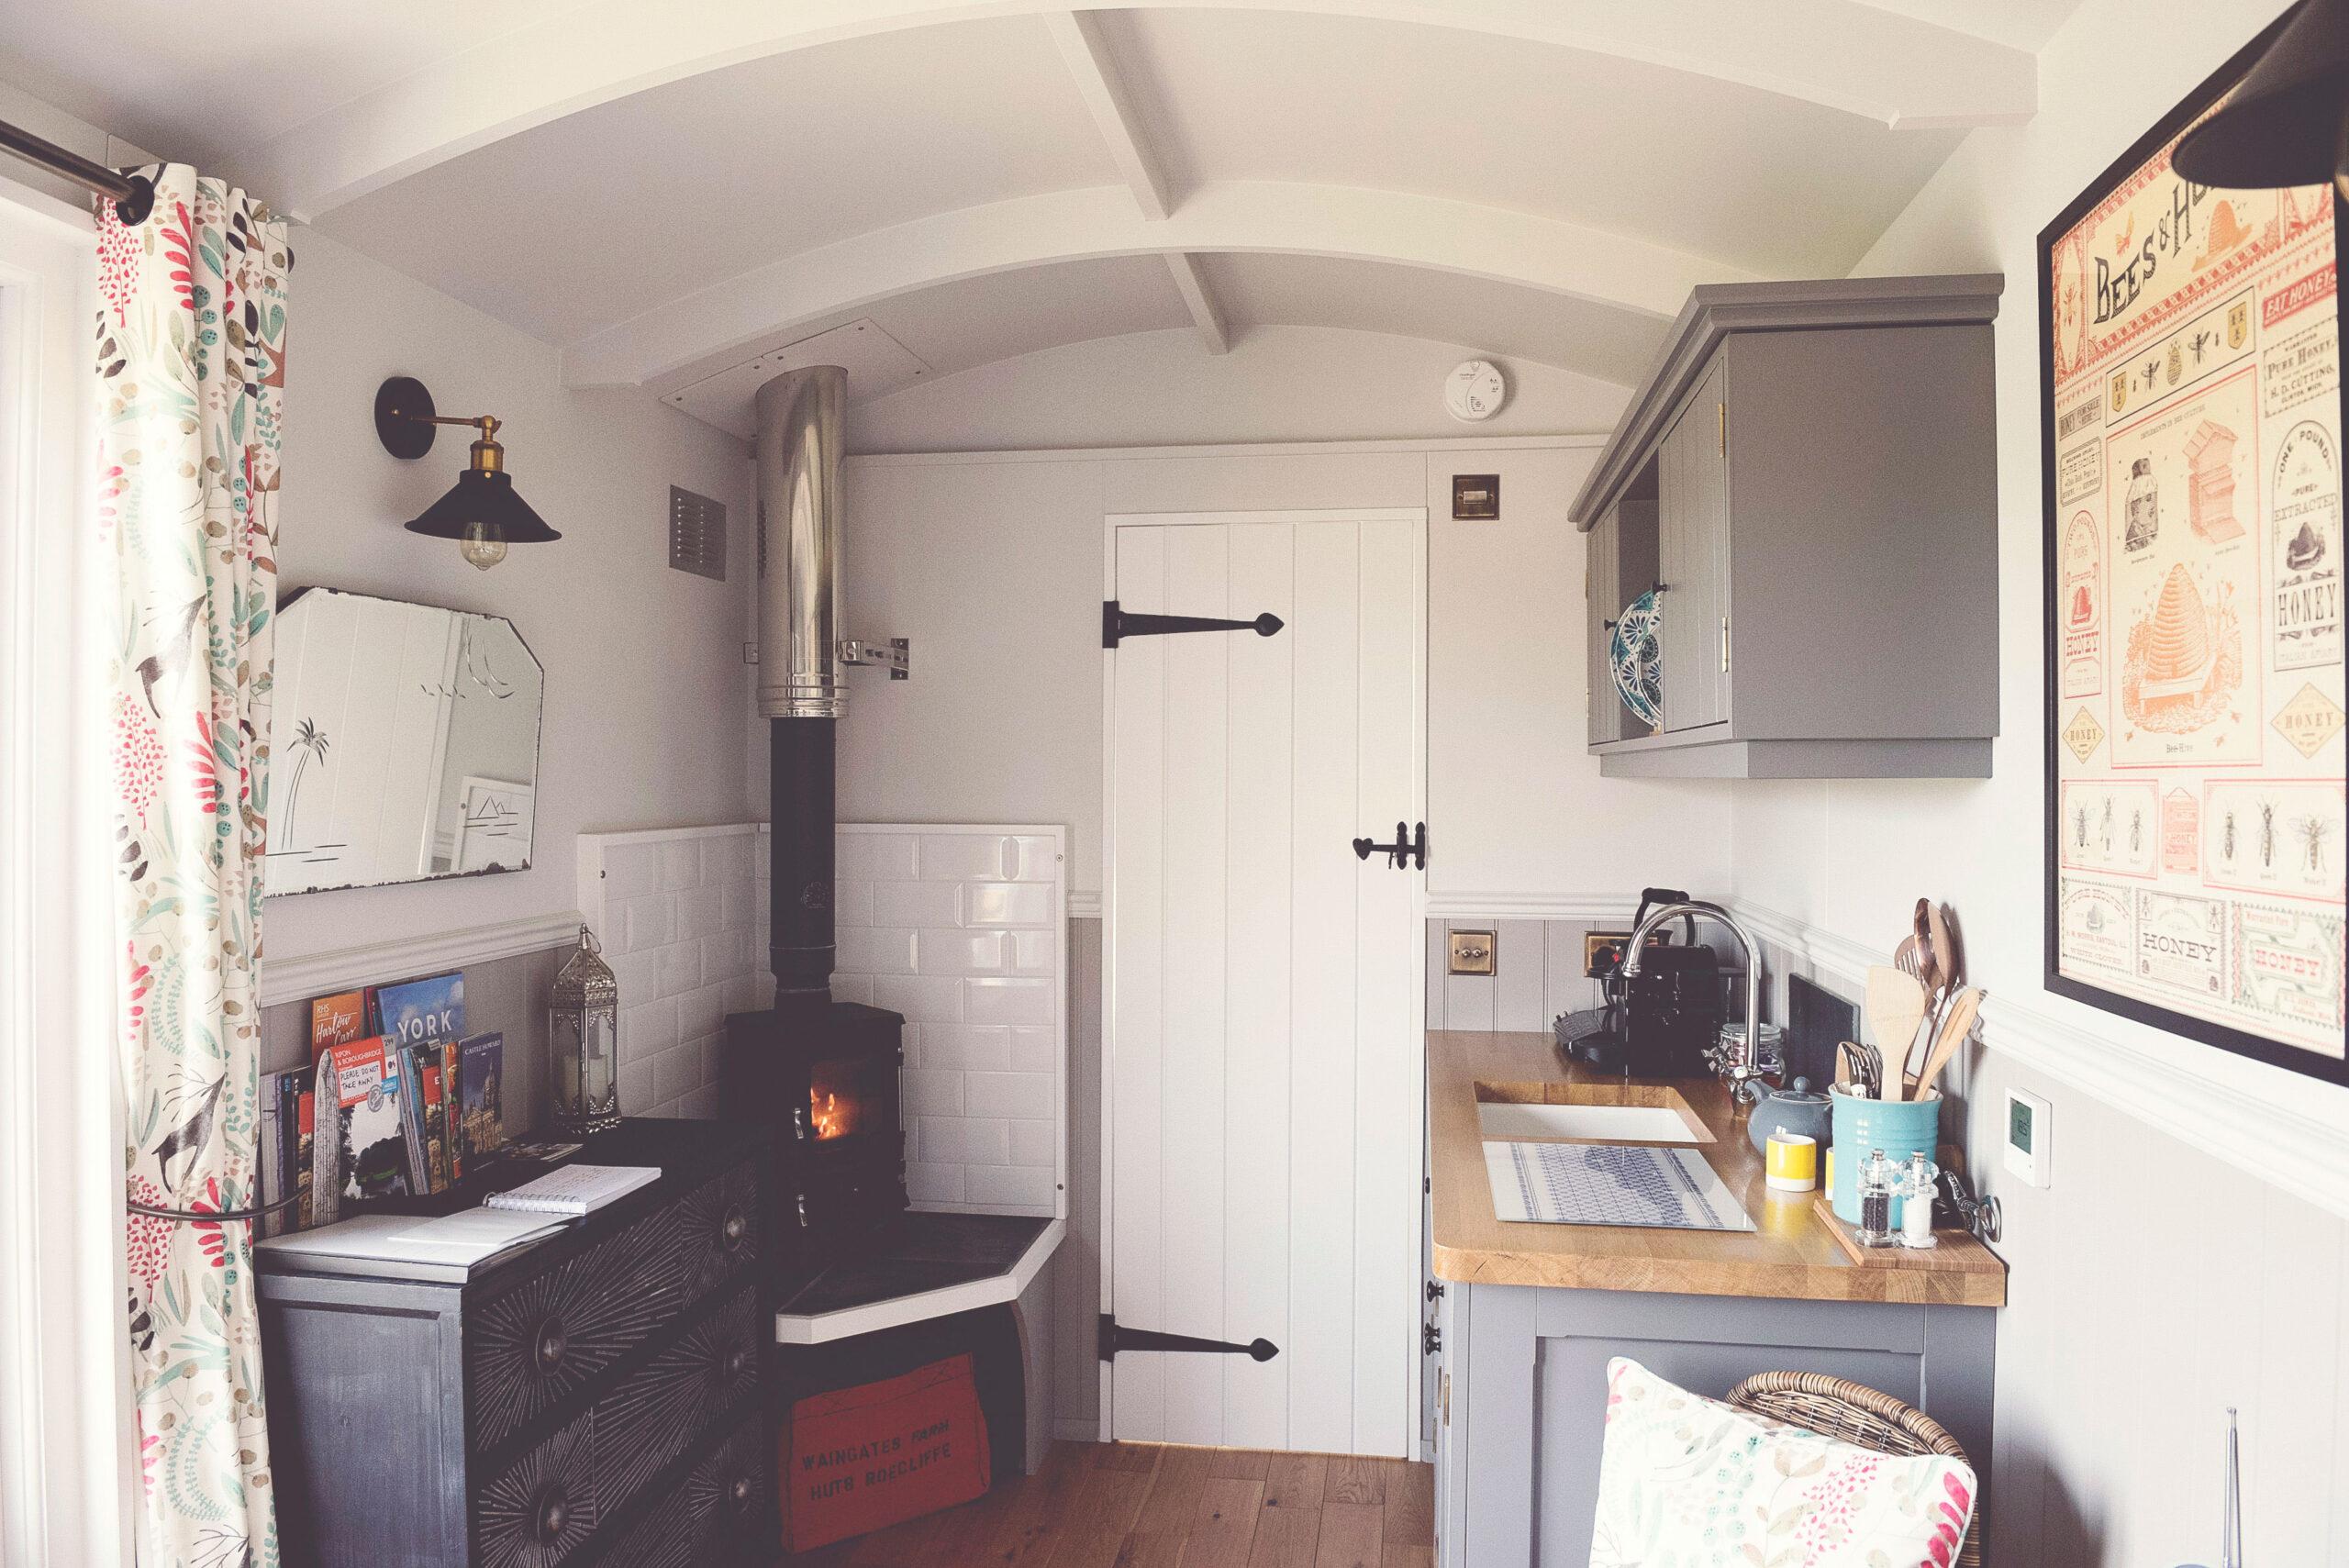 Shepherd Hut 2 - kitchen area